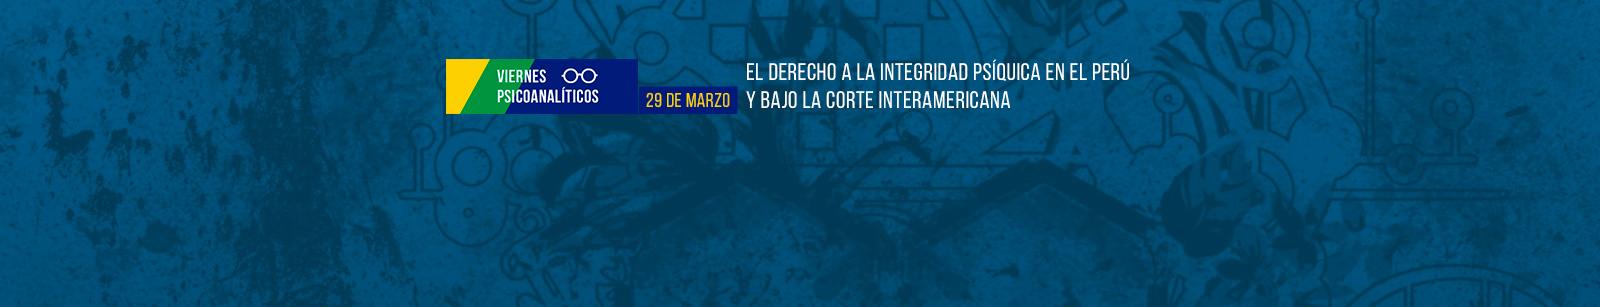 El derecho a la integridad psíquica en el Perú y bajo la Corte Interamericana